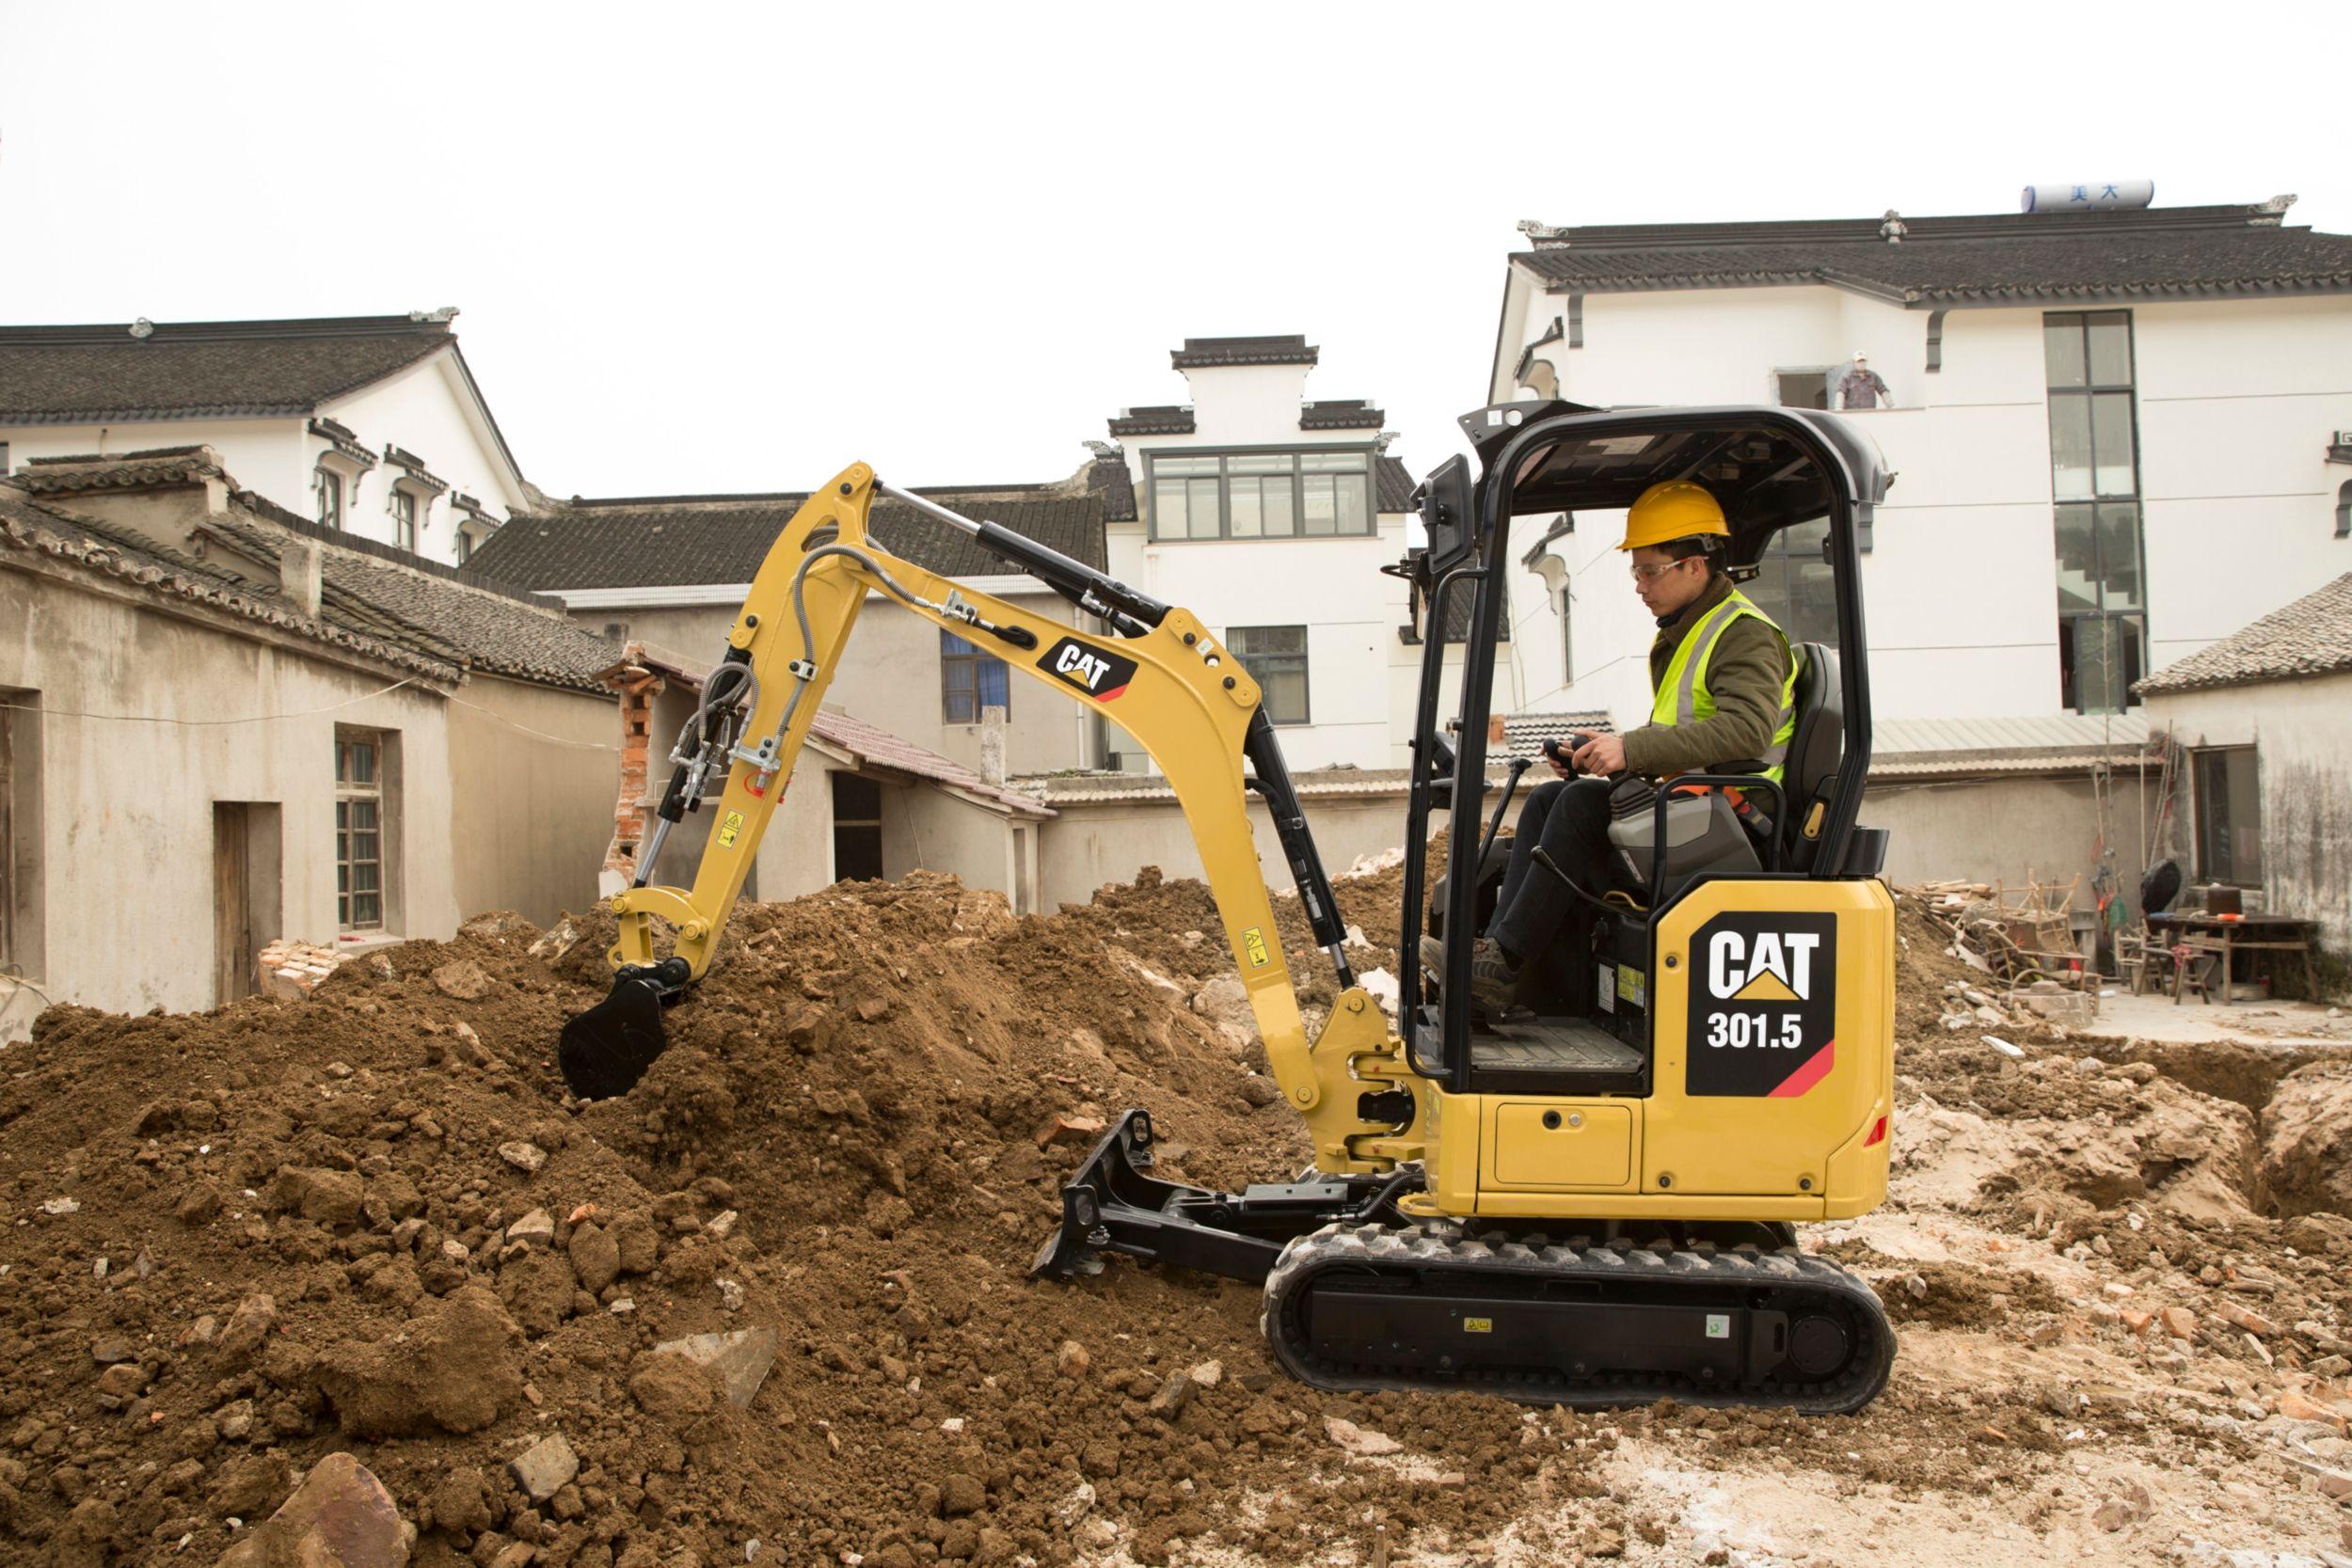 Cat 301.5 新一代迷你型挖掘机